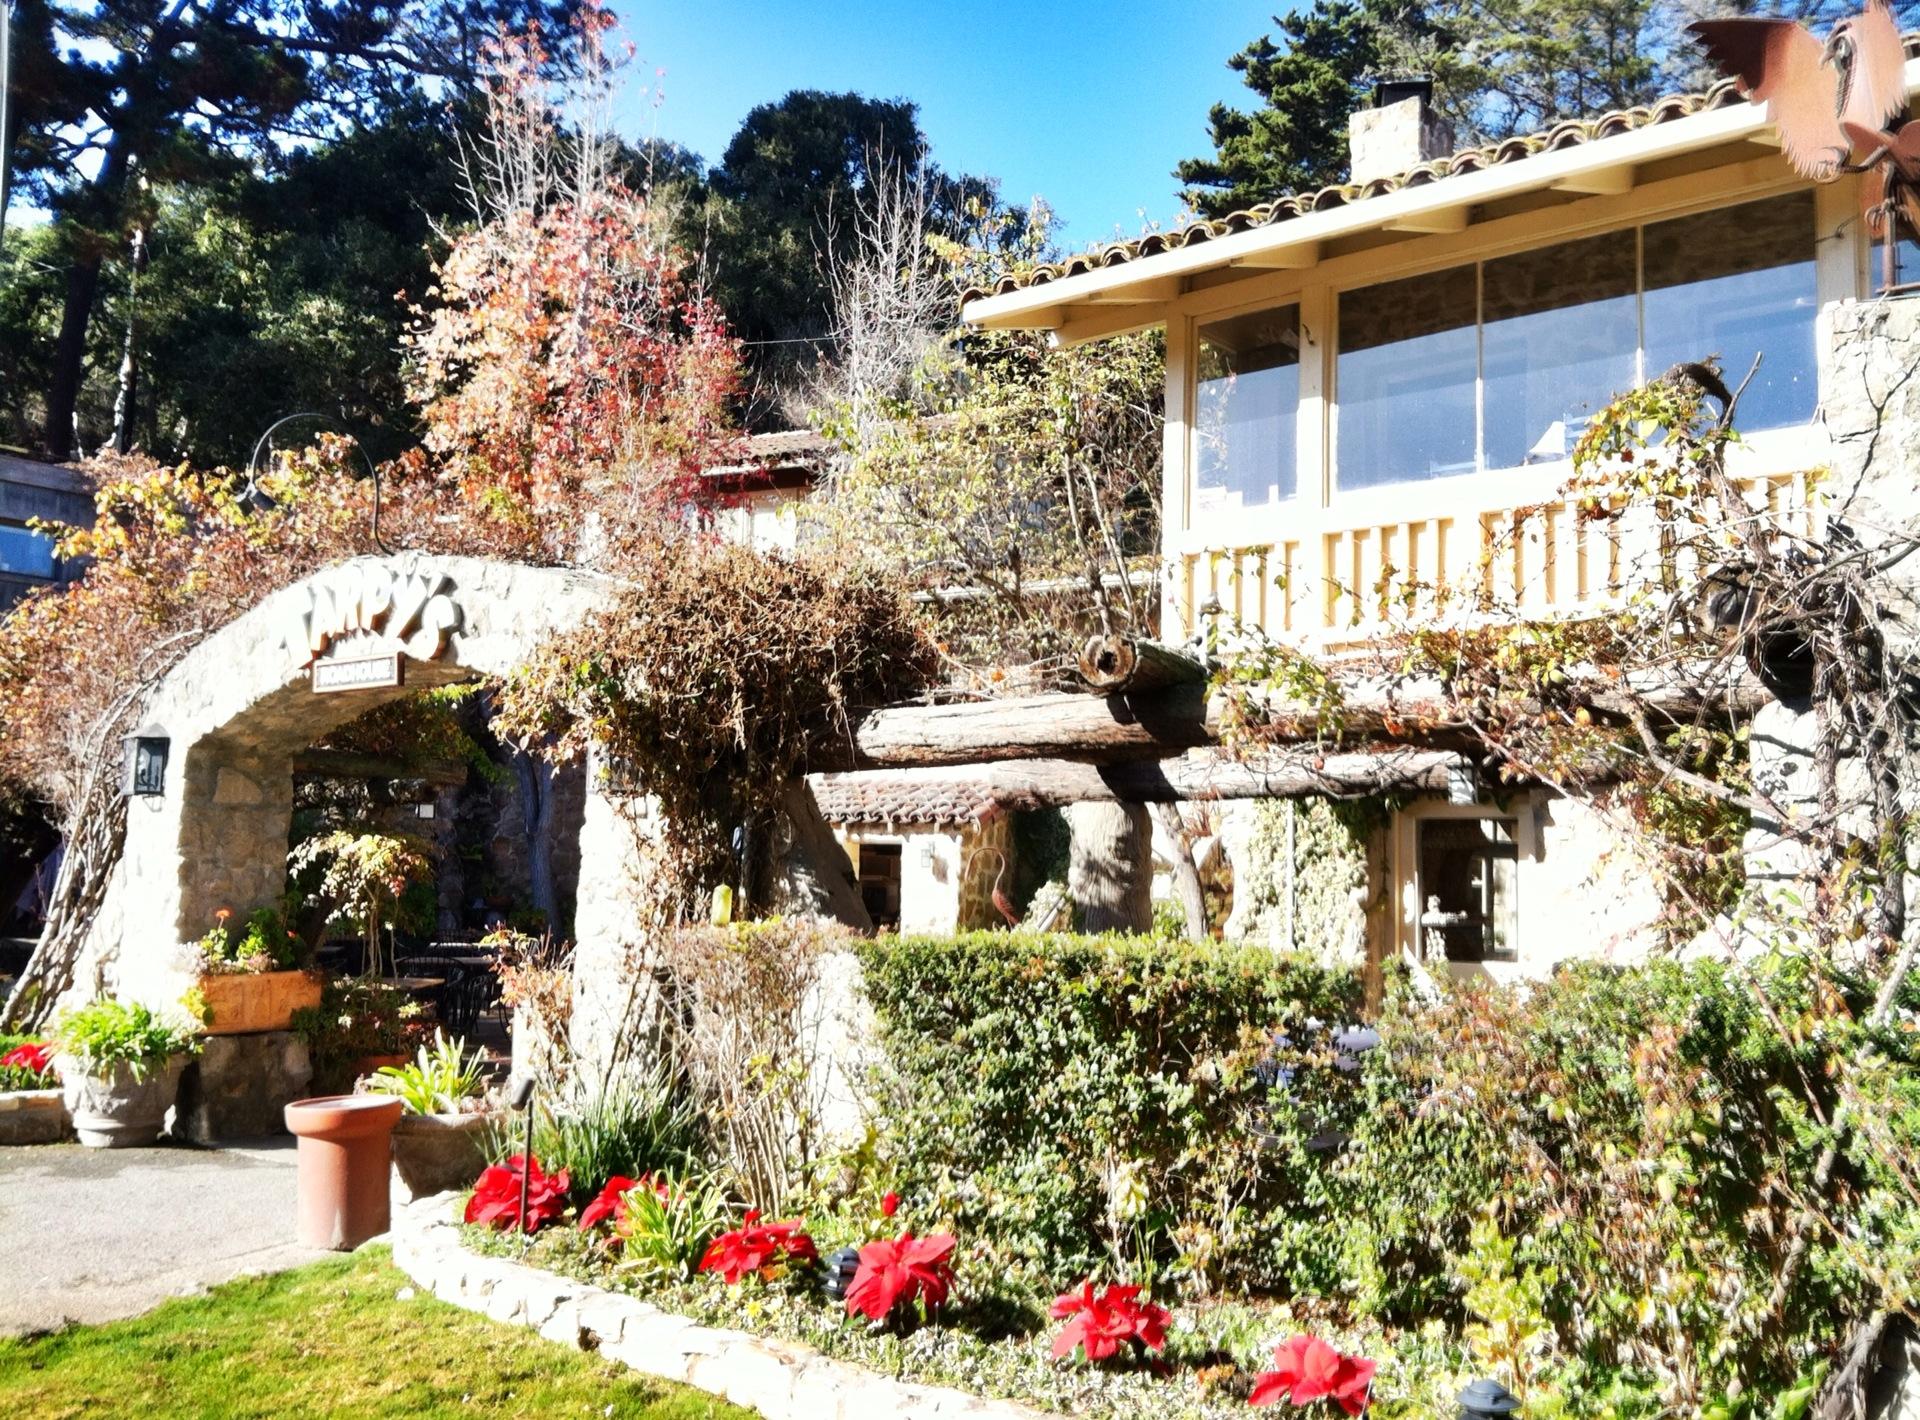 Tarpy S Roadhouse Monterey Ca Restaurant Review Luxury